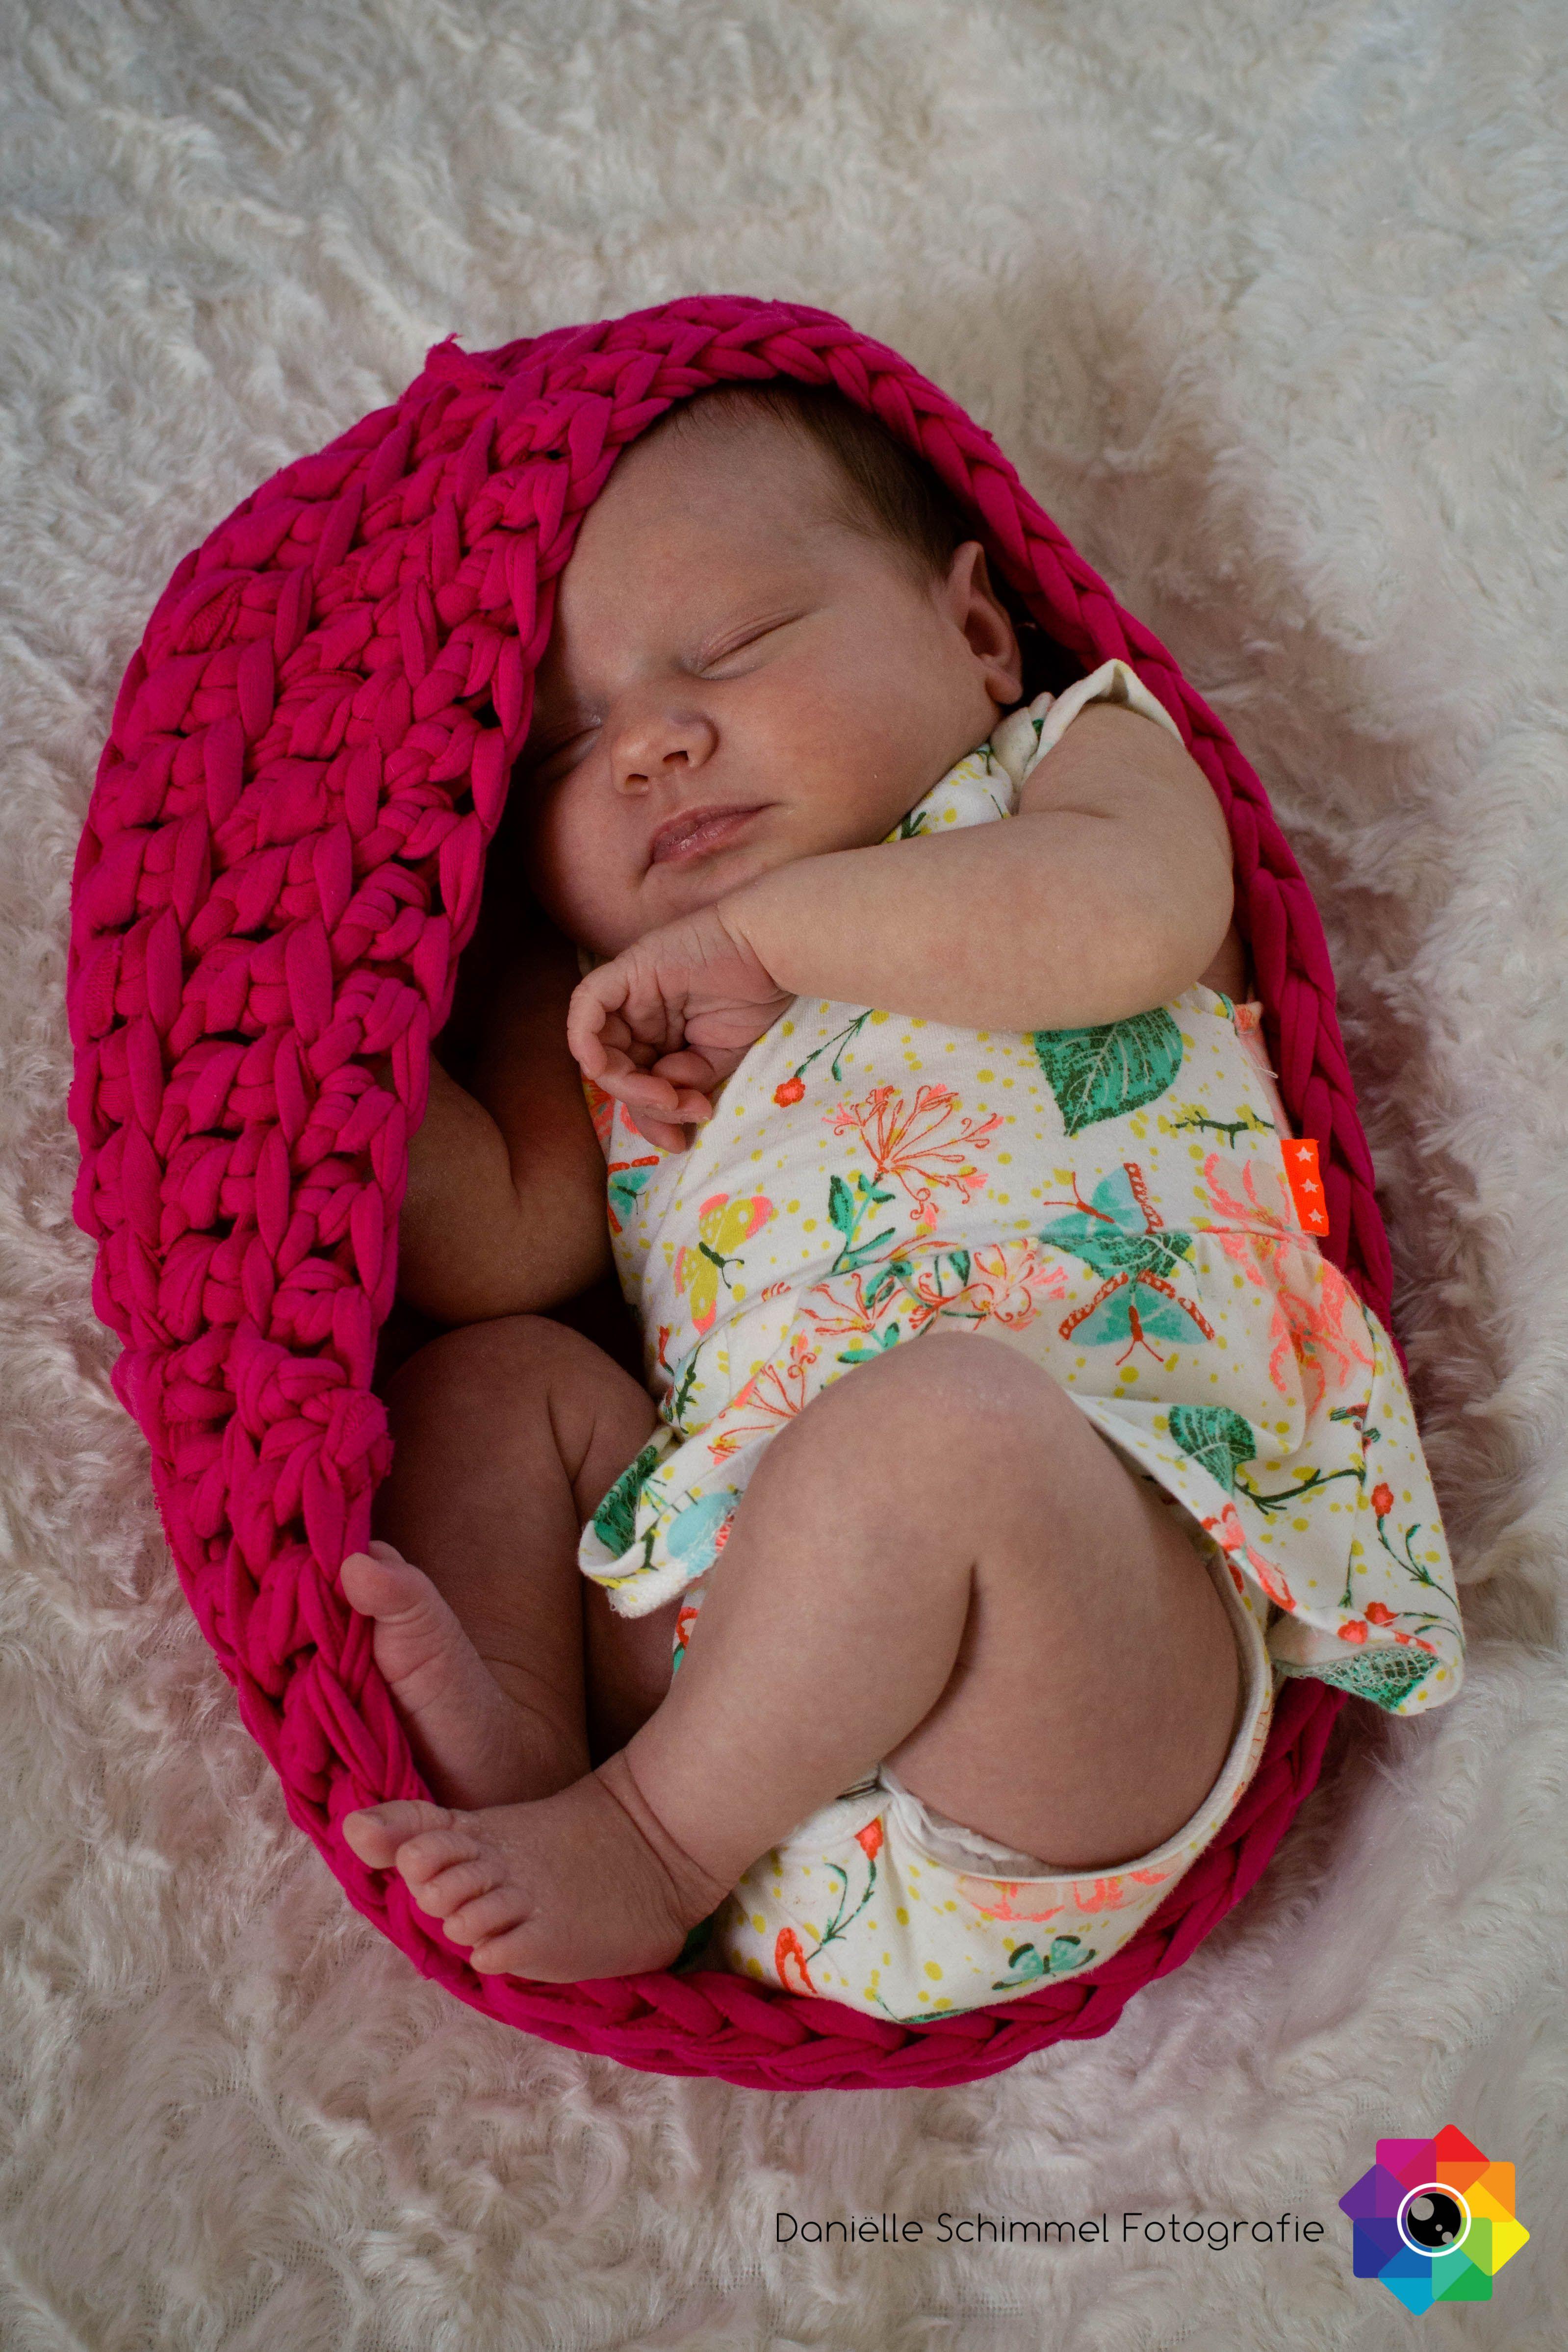 Newbornshoot, newborn baby, babygirl, in the womb